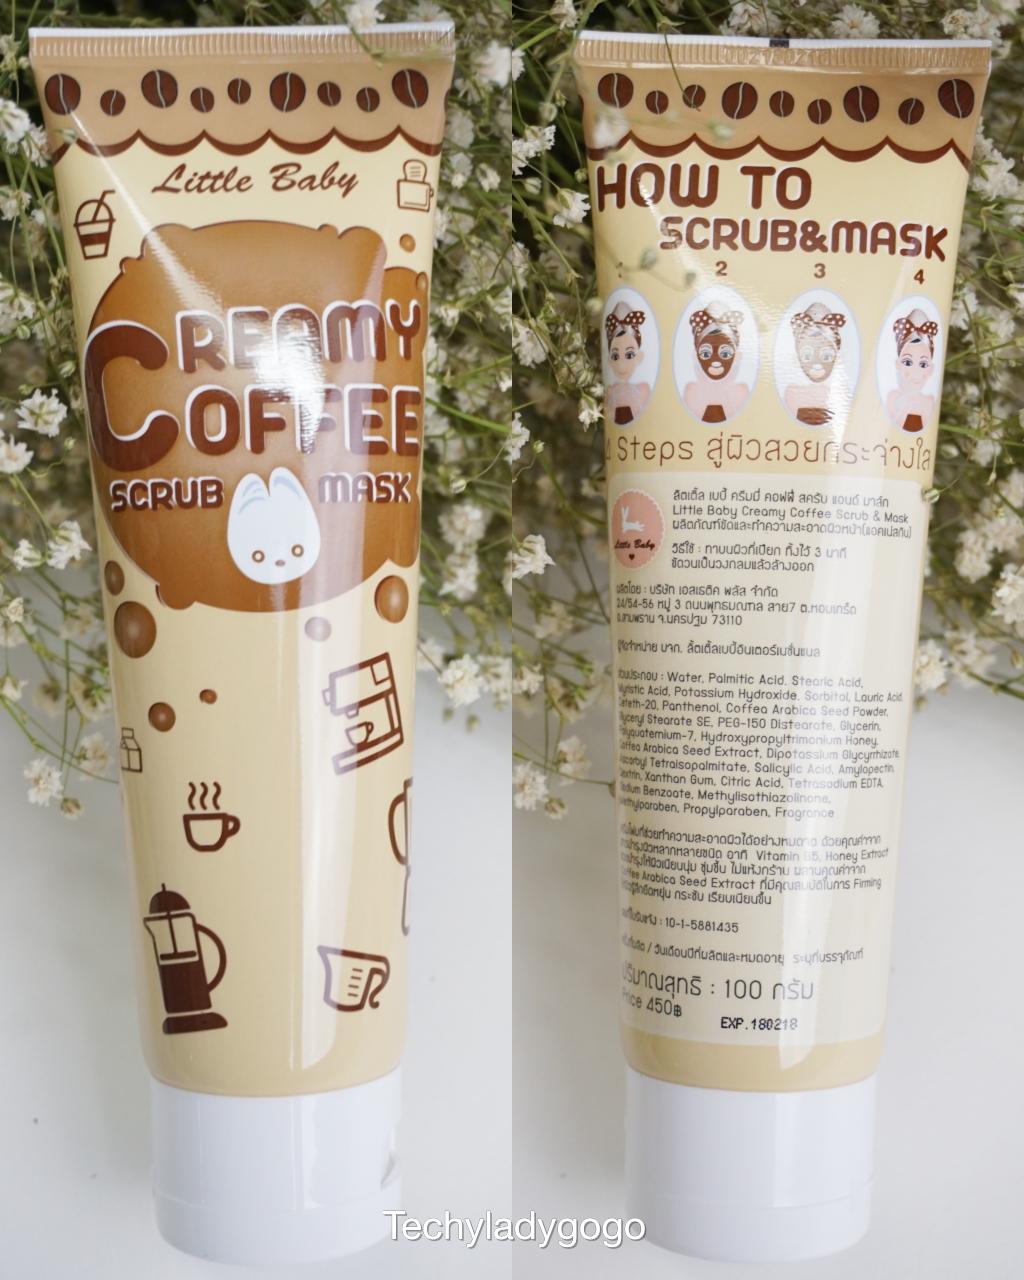 รีวิว Little Baby Creamy Coffee Scrub Mask เป็นโฟมสครับ แบบ 3-in-1 ผสมสครับกาแฟ ใช้ได้ทั้ง ล้าง ขัด พอก ช่วยดีท็อกส์ผิว ทำความสะอาดรูขุมขน ลดความมัน ช่วยลดโอกาสการเกิดสิว